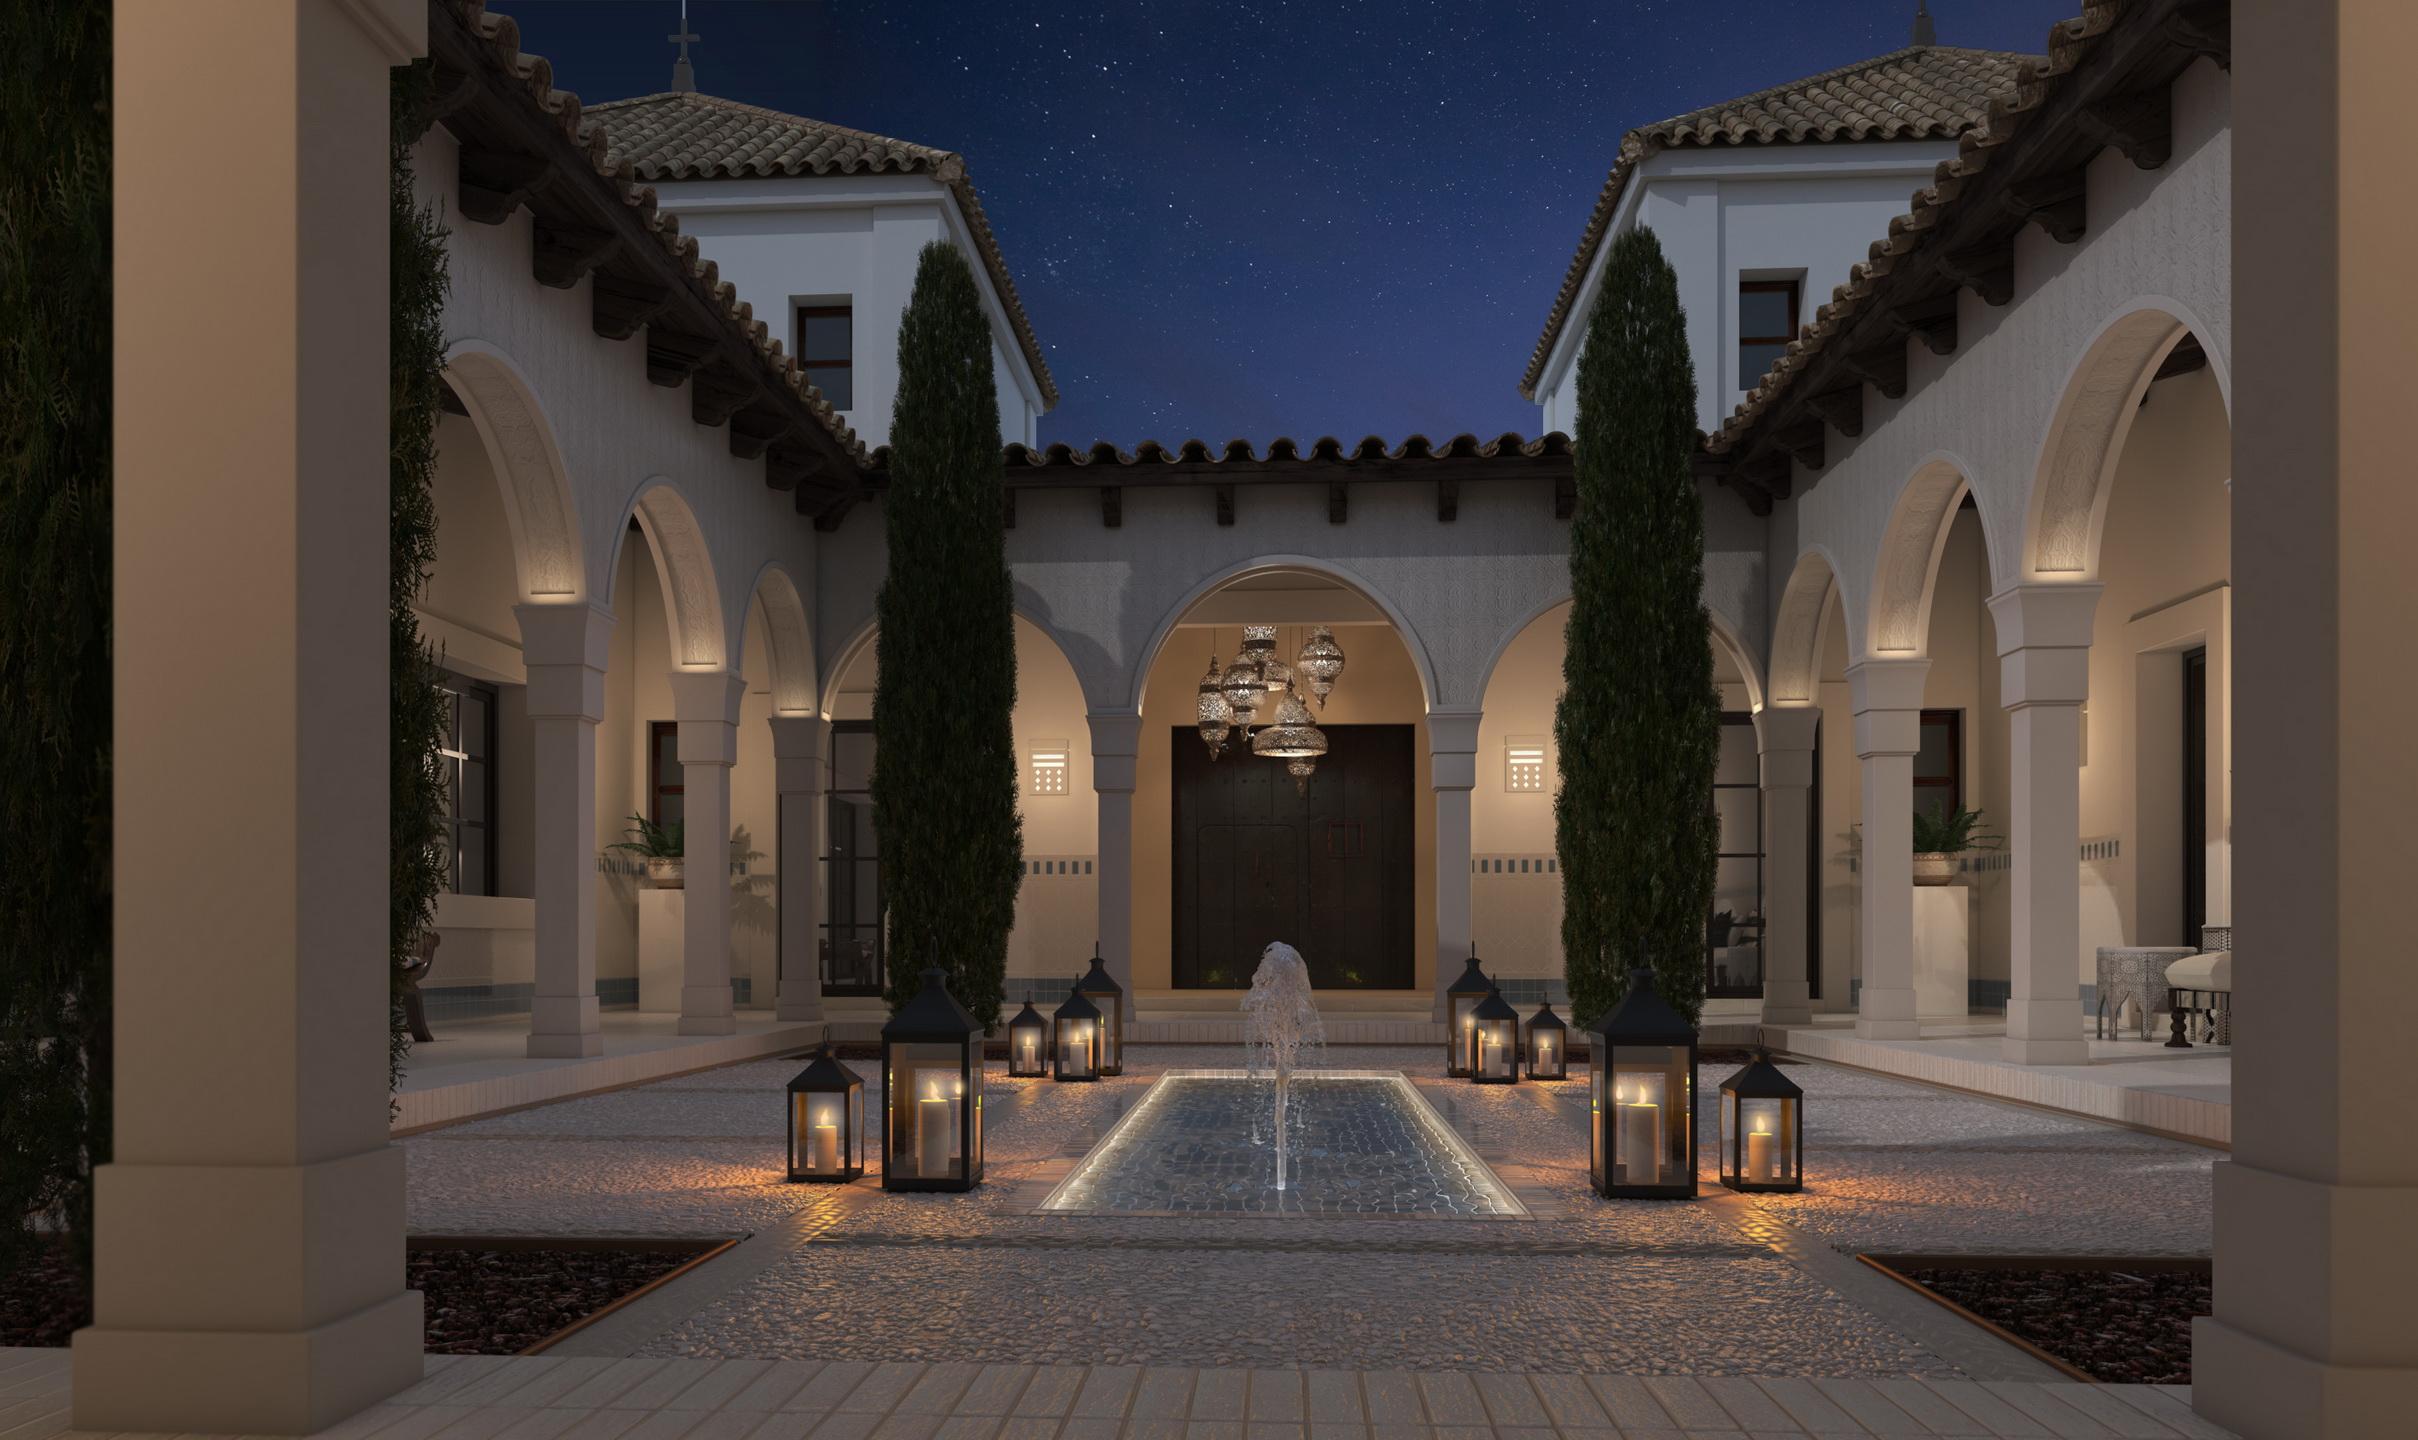 Cómo iluminar y decorar patios interiores